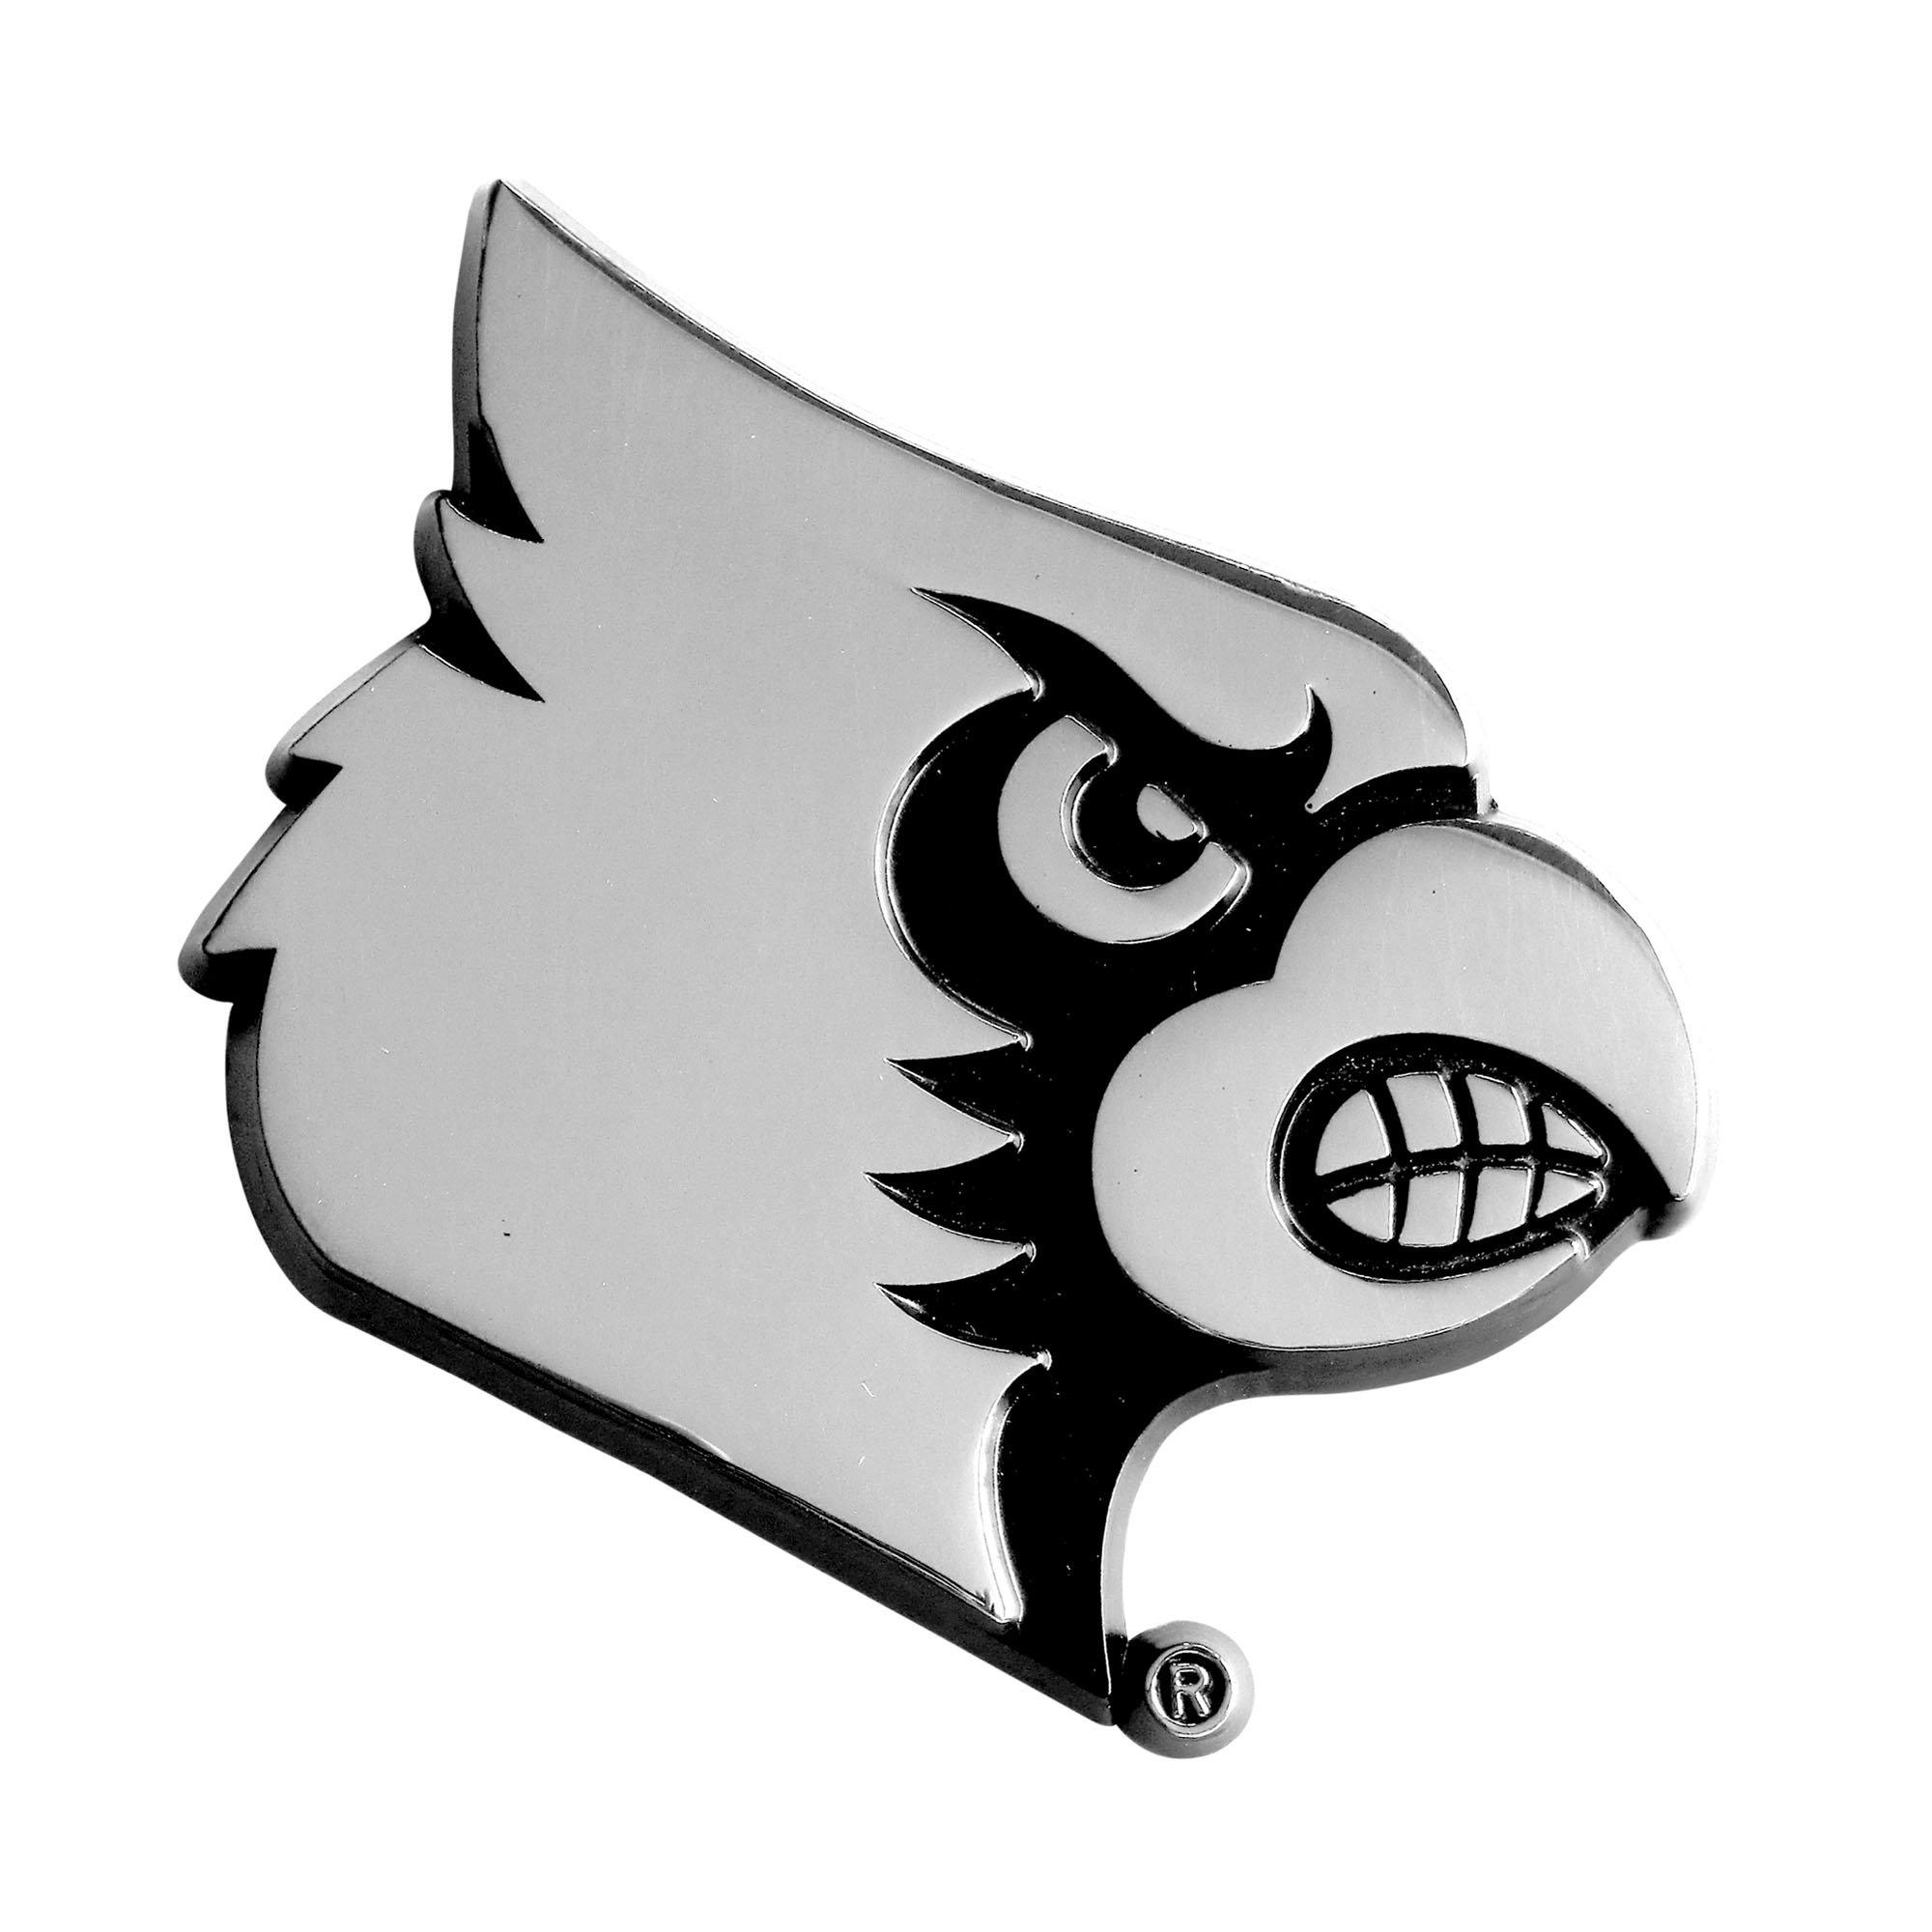 FANMATS NCAA University of Louisville Cardinals Chrome Team Emblem